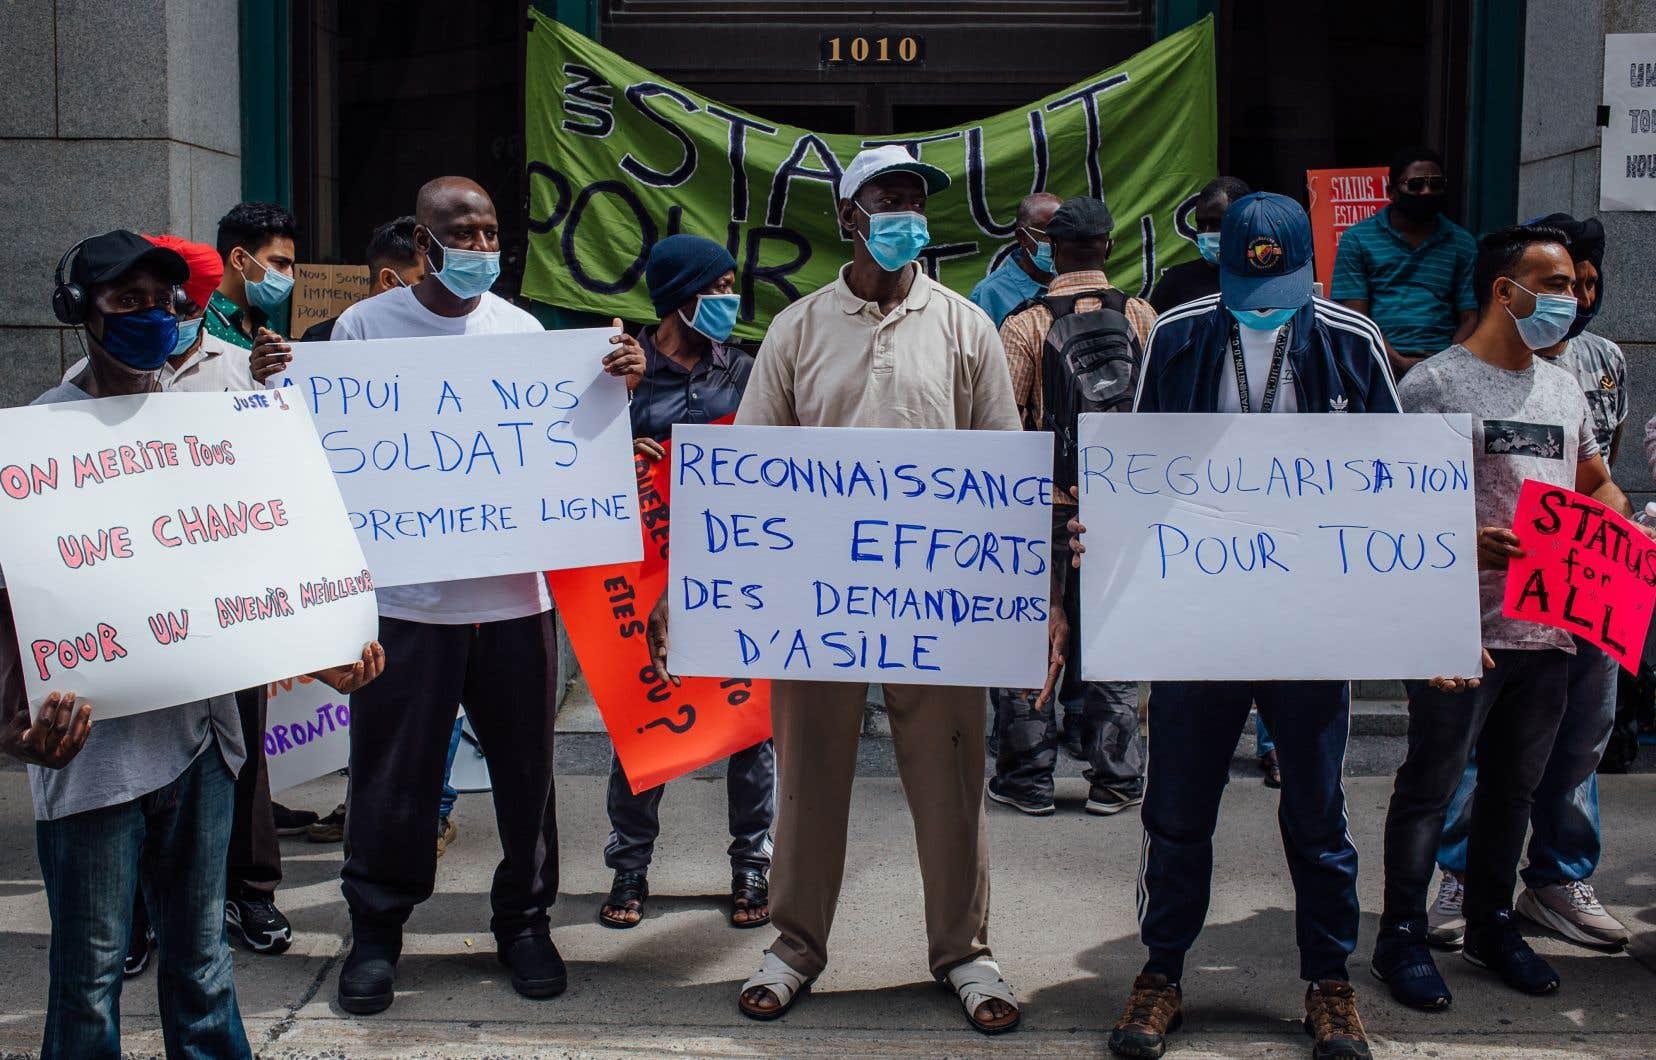 Manifestation pour un statut migratoire pour tous, en juillet dernier, à Montréal